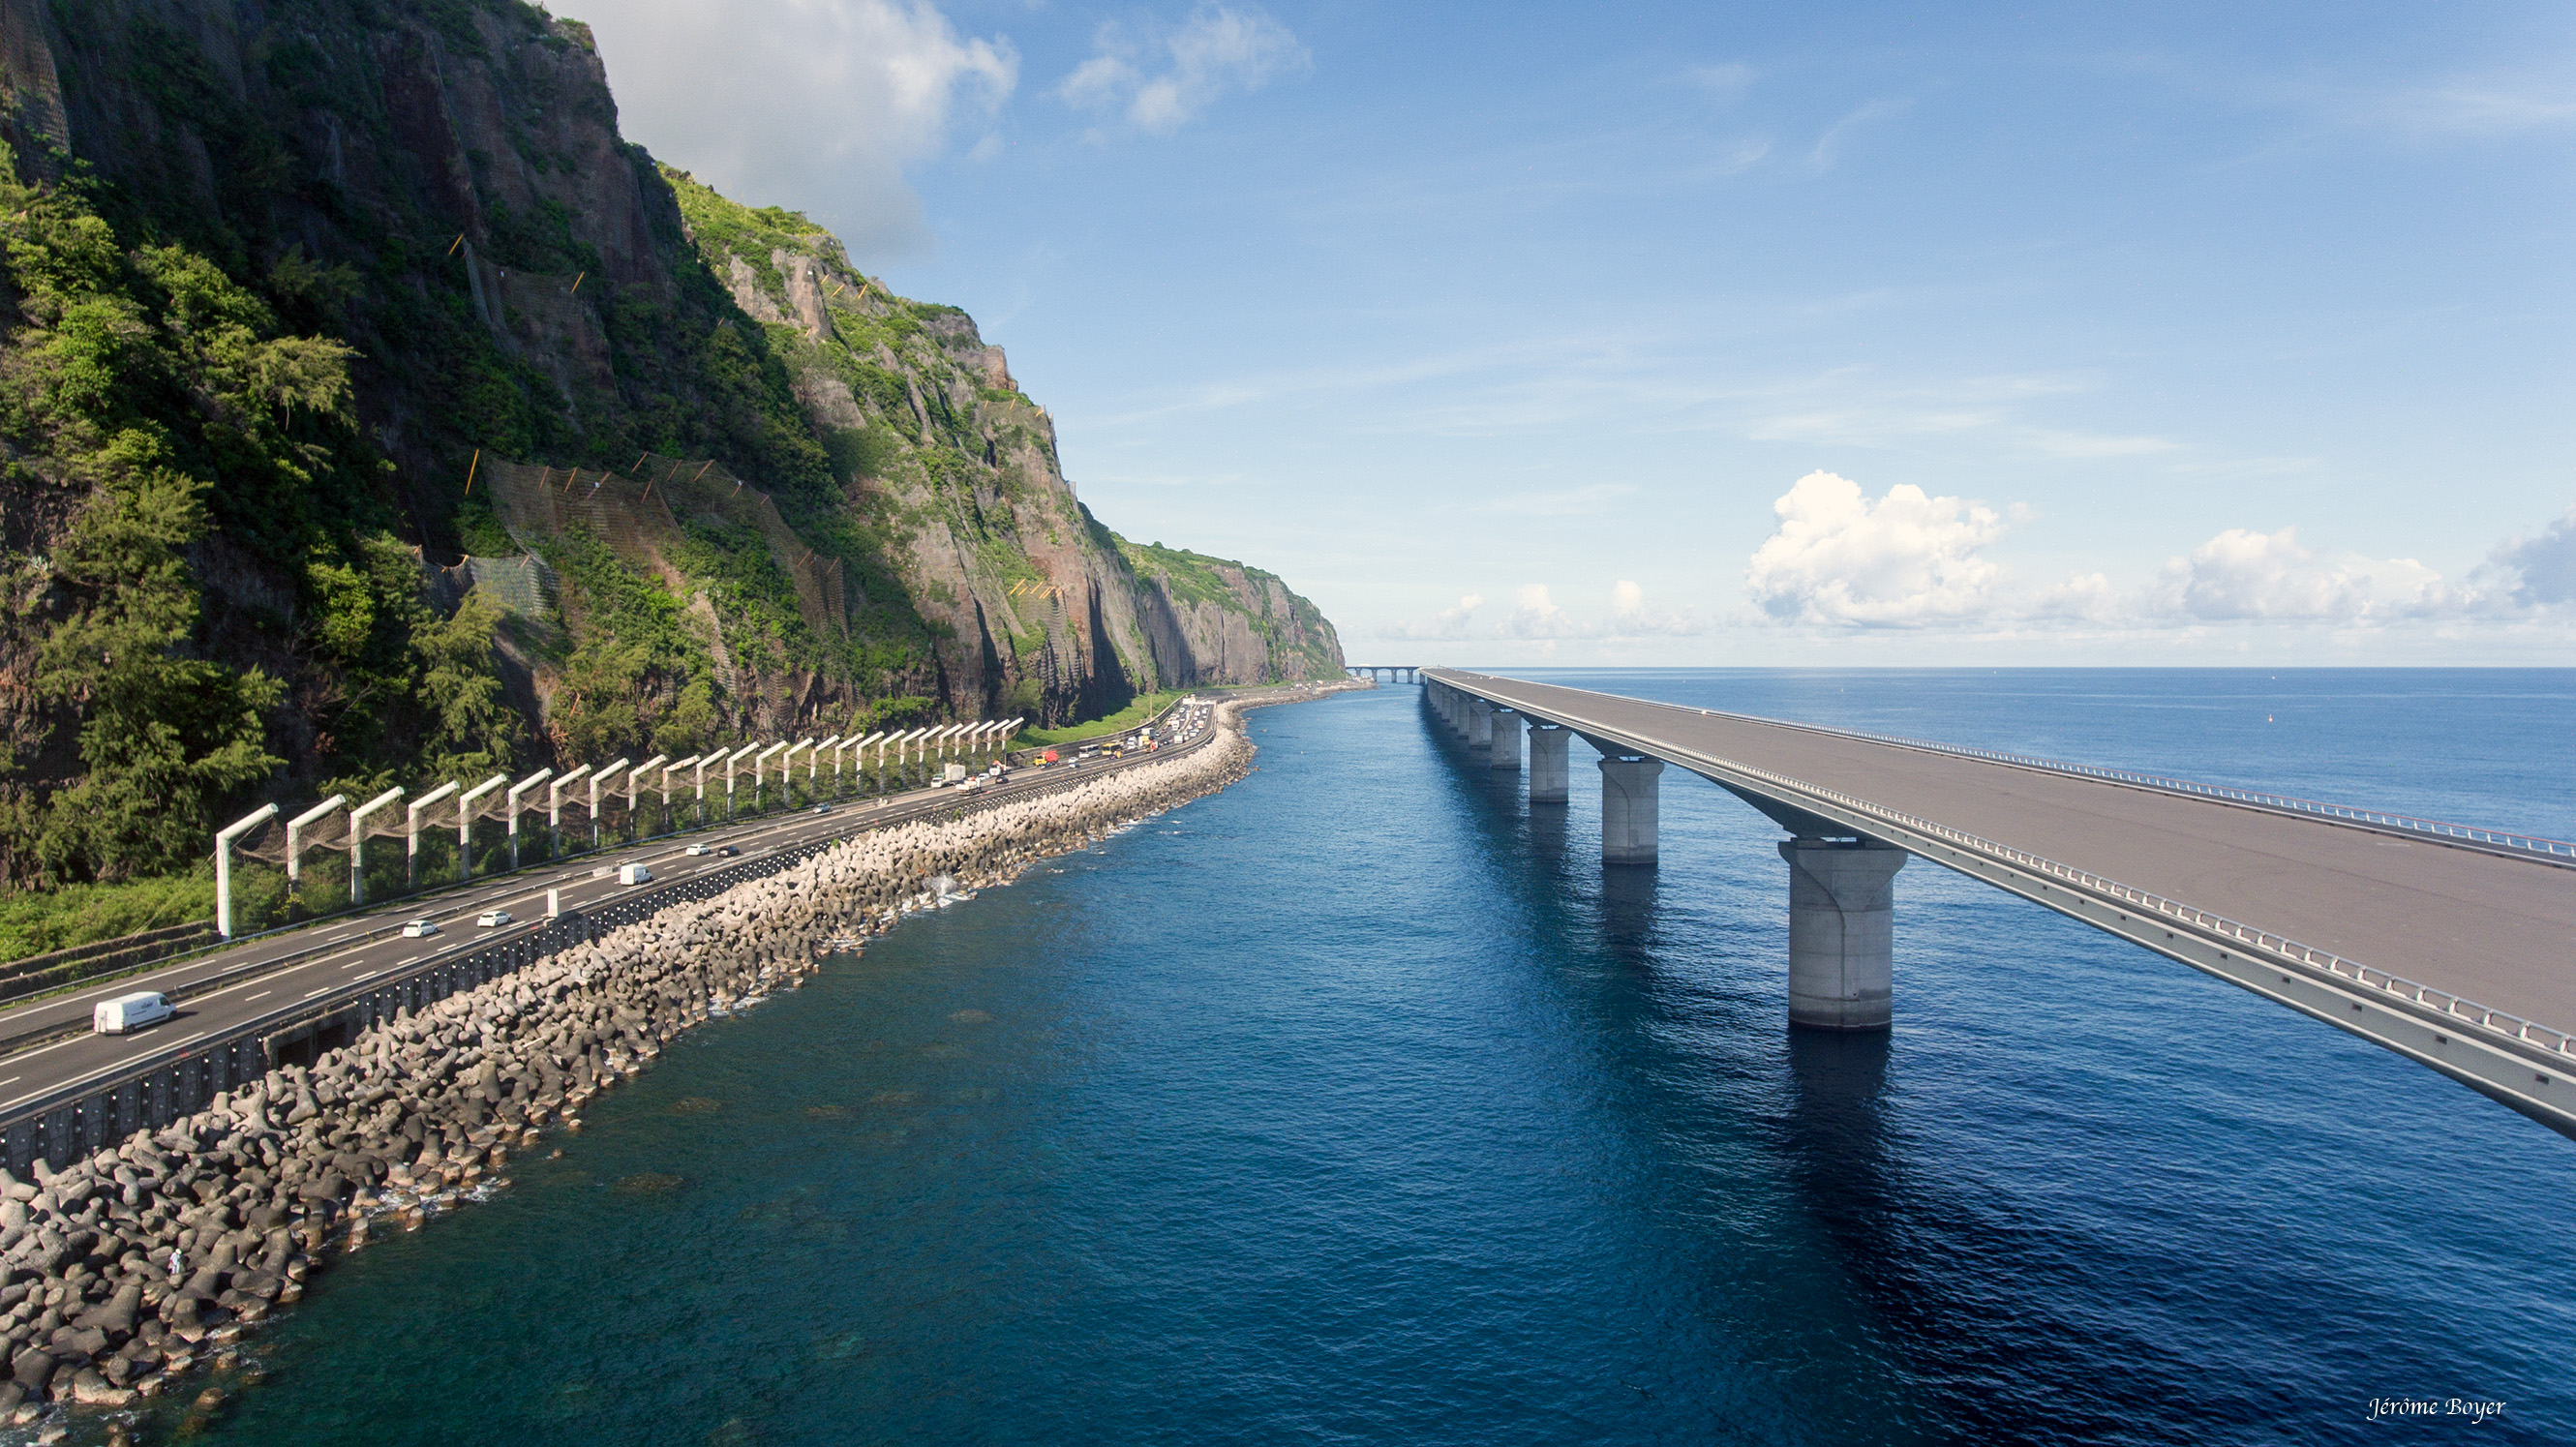 Un magnifique Viaduc de 5,4 km...